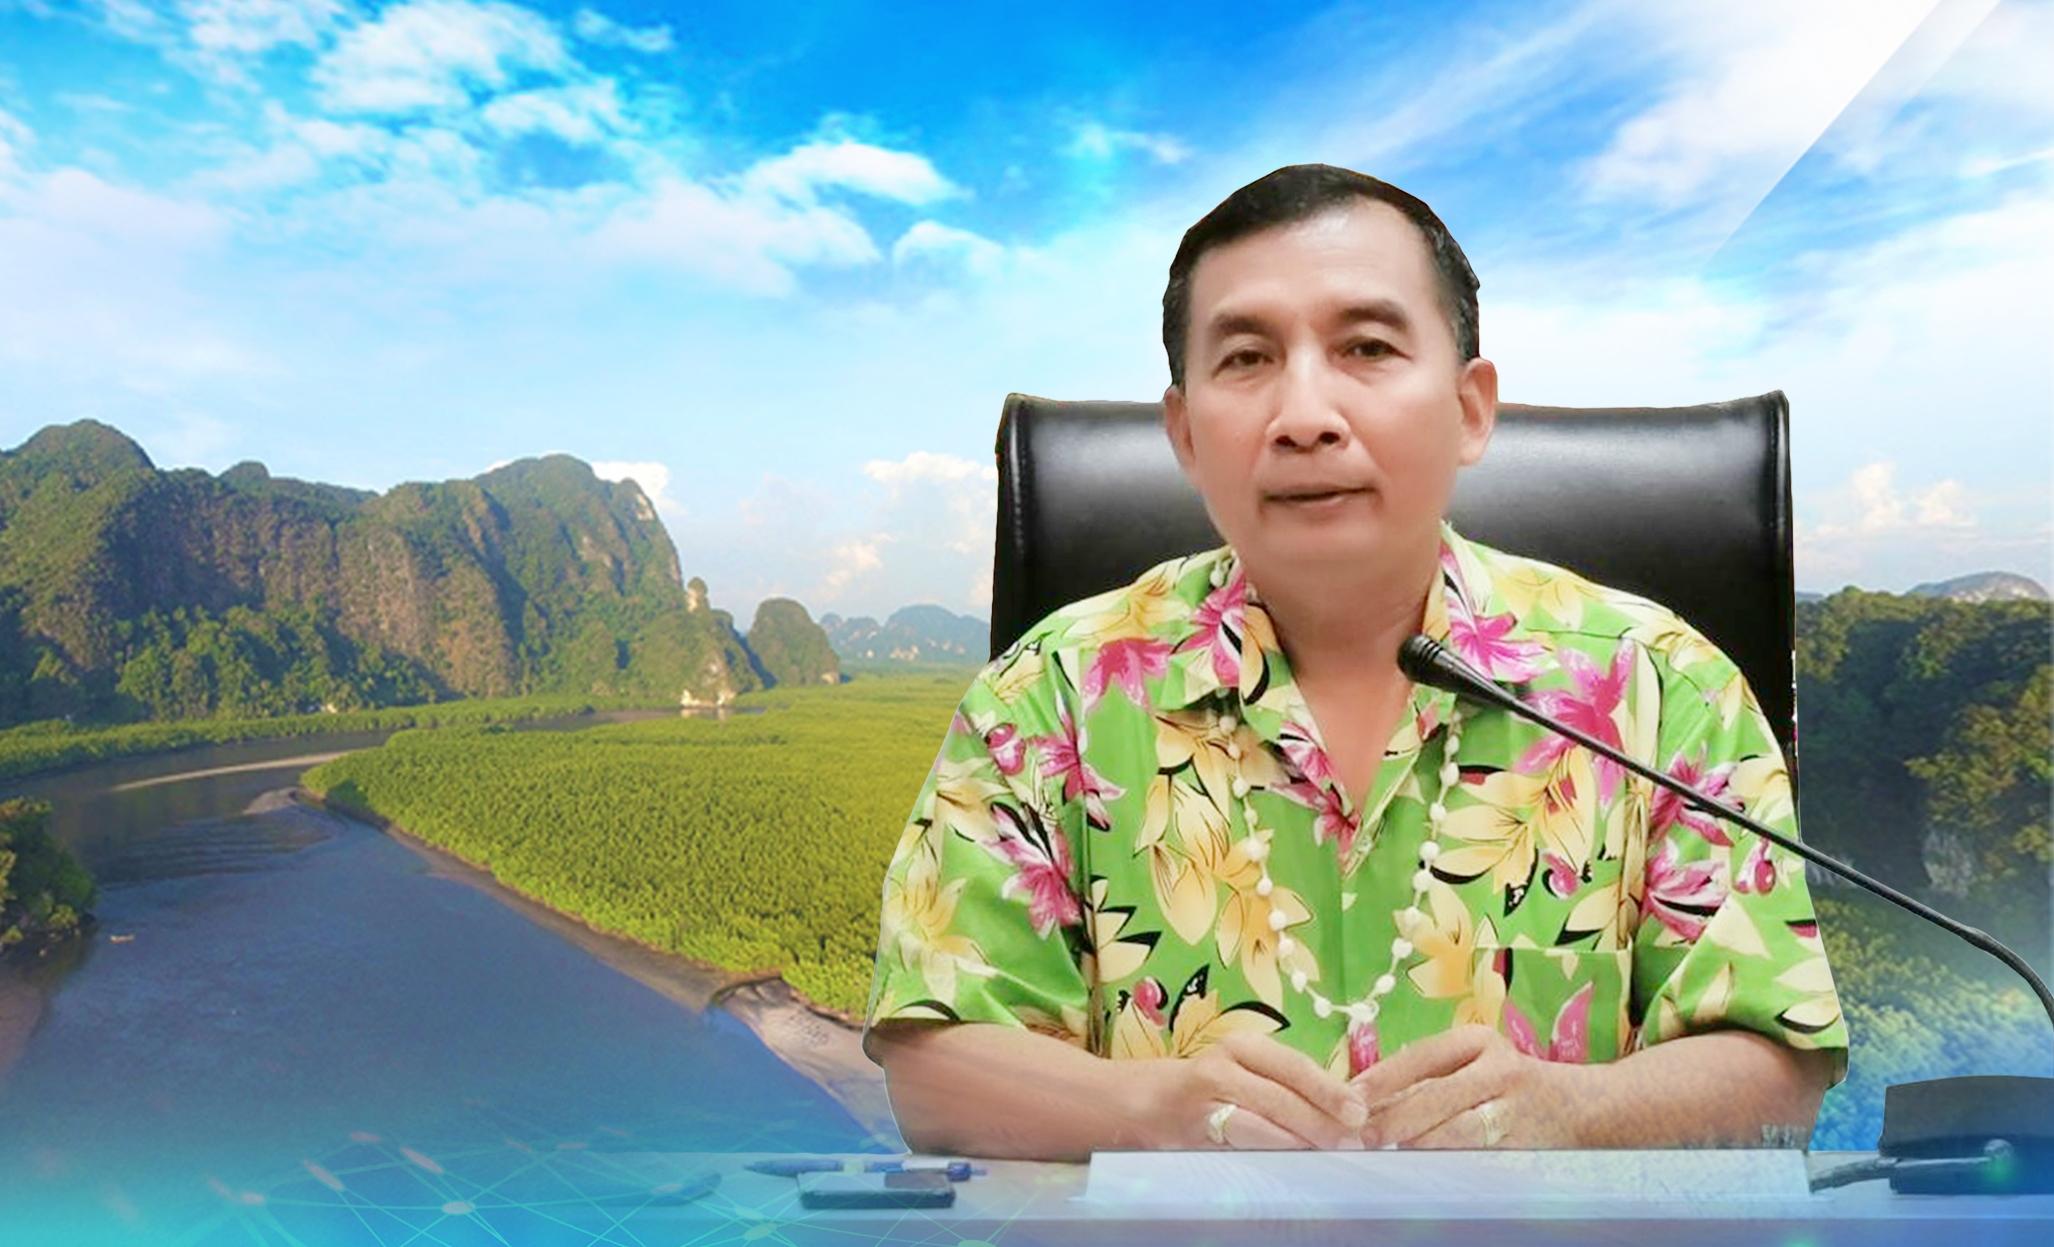 """กรม ทช. ประชุมเตรียมความพร้อม เปิดโครงการป่าในเมือง """"แกรนด์แคนยอน เมืองไทย"""" จ.กระบี่"""